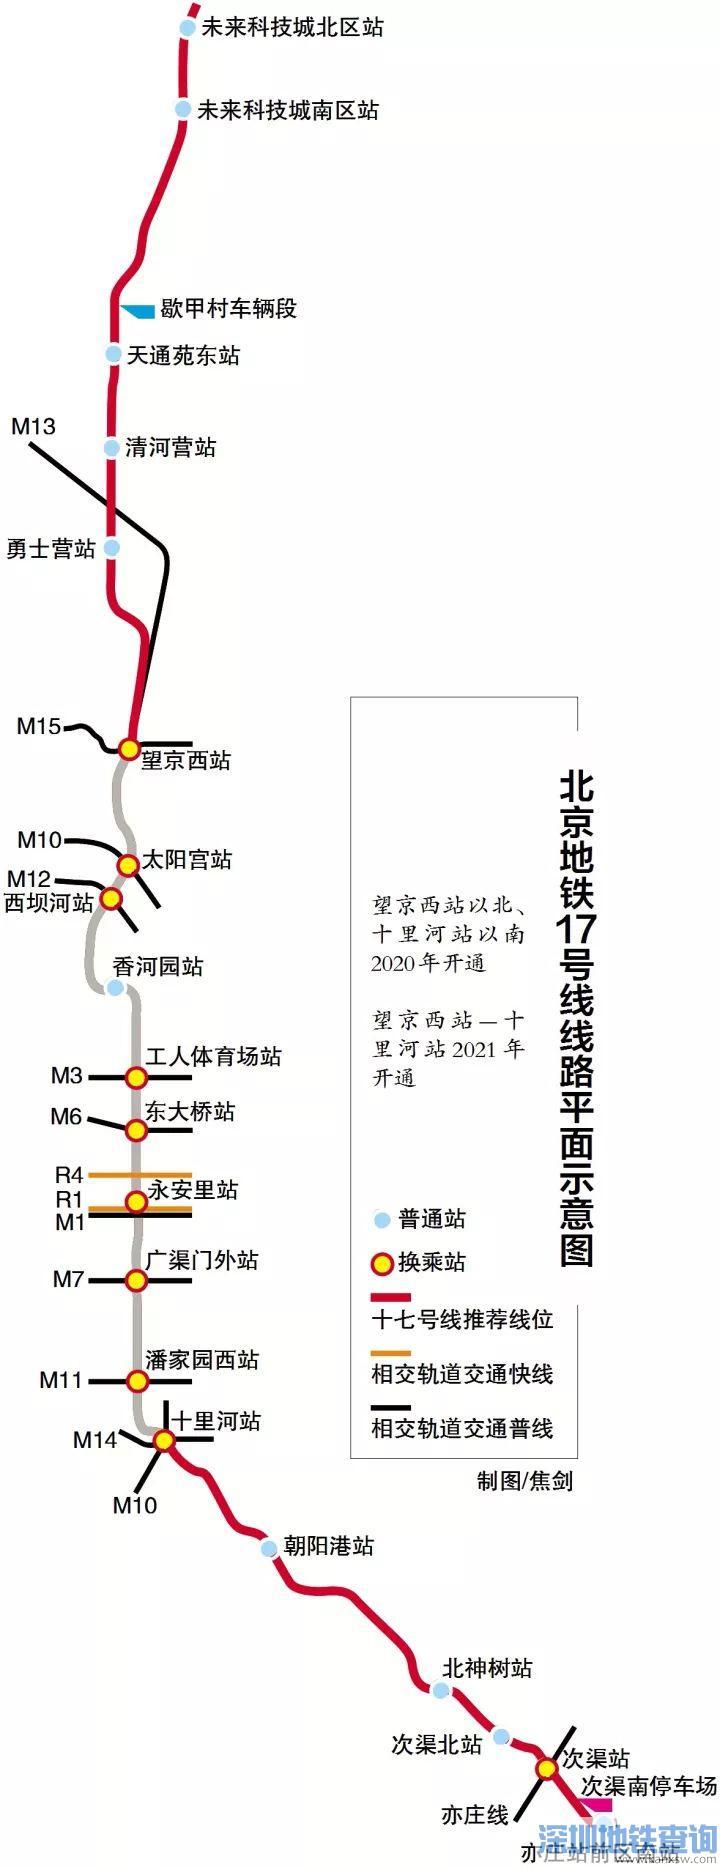 北京地铁17号线全面开工 南北贯通将连接中心城区